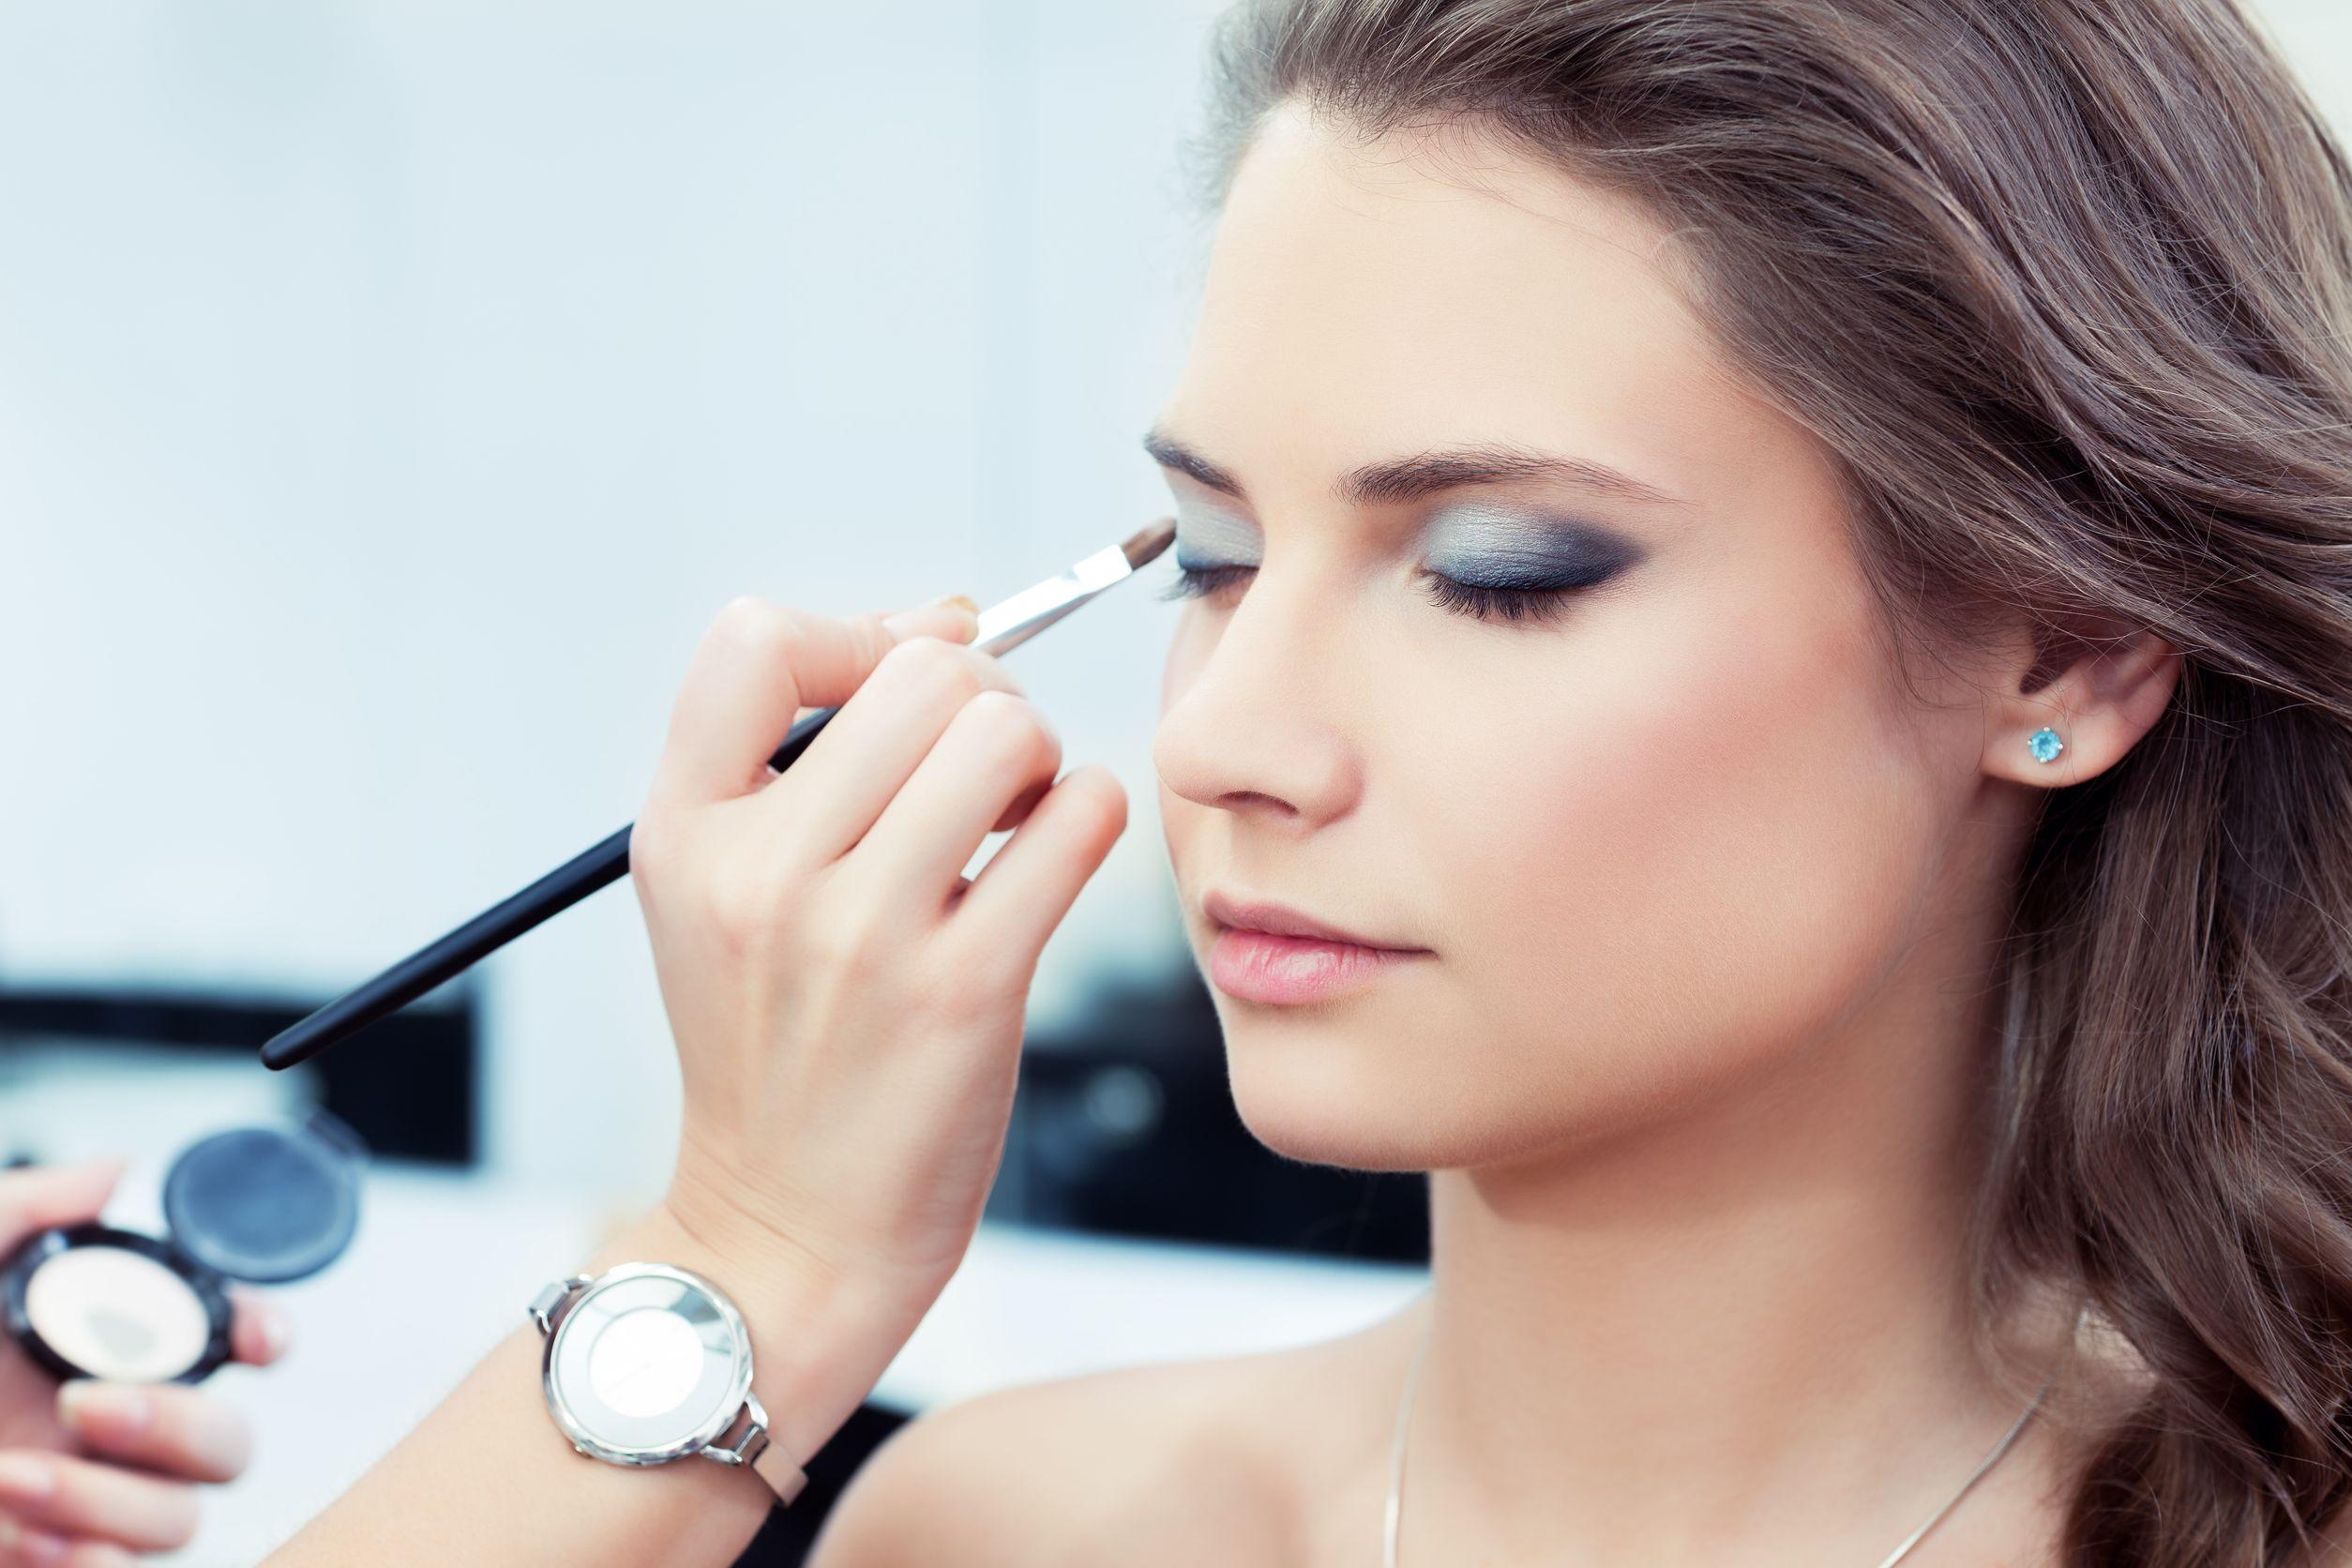 Mulher de olhos fechados, passando delineador, sentada em uma mesa com produtos de maquiagem.